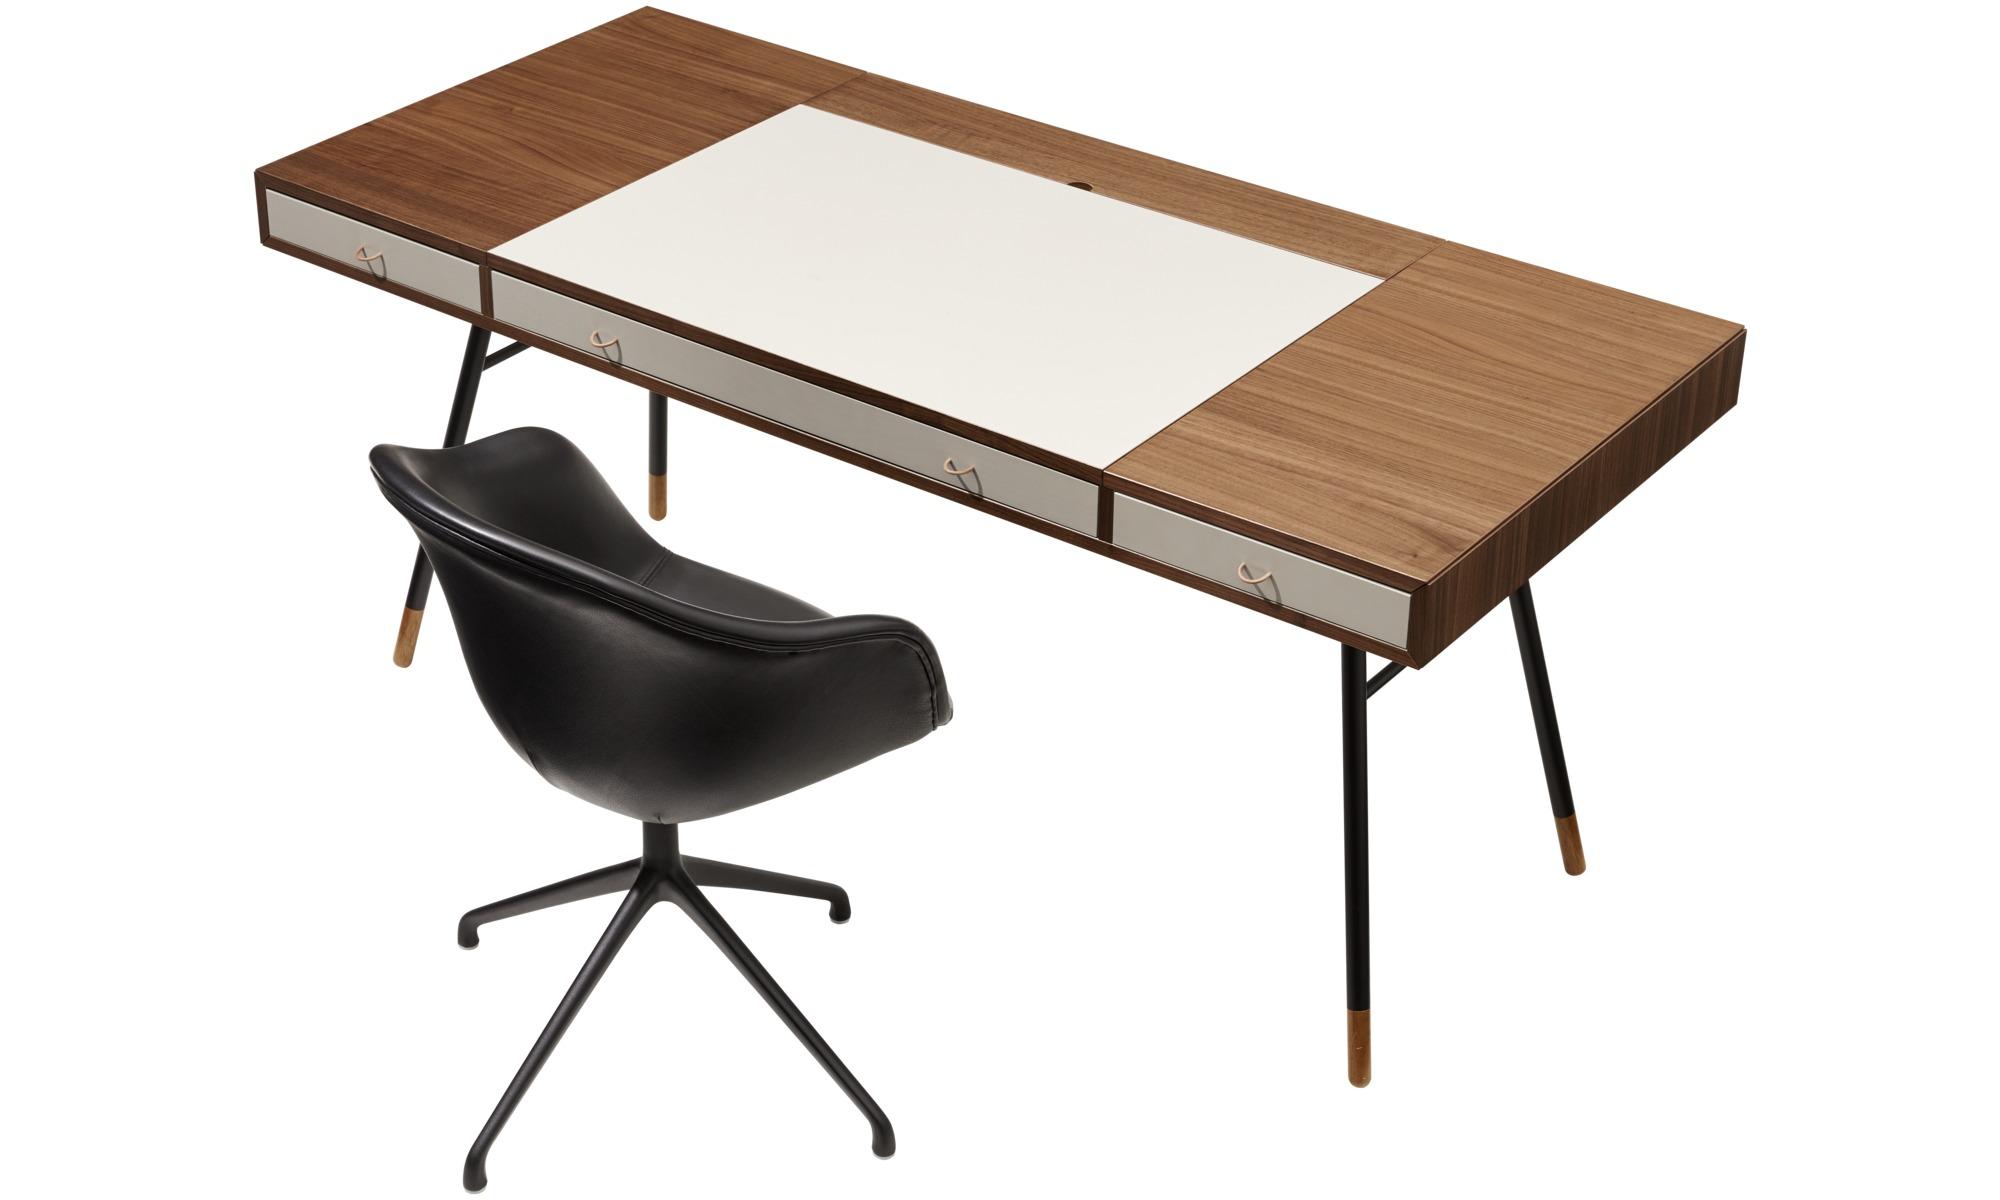 bureau boconcept trendy full size of meilleure chaise de bureau boconcept meubles pour votre. Black Bedroom Furniture Sets. Home Design Ideas